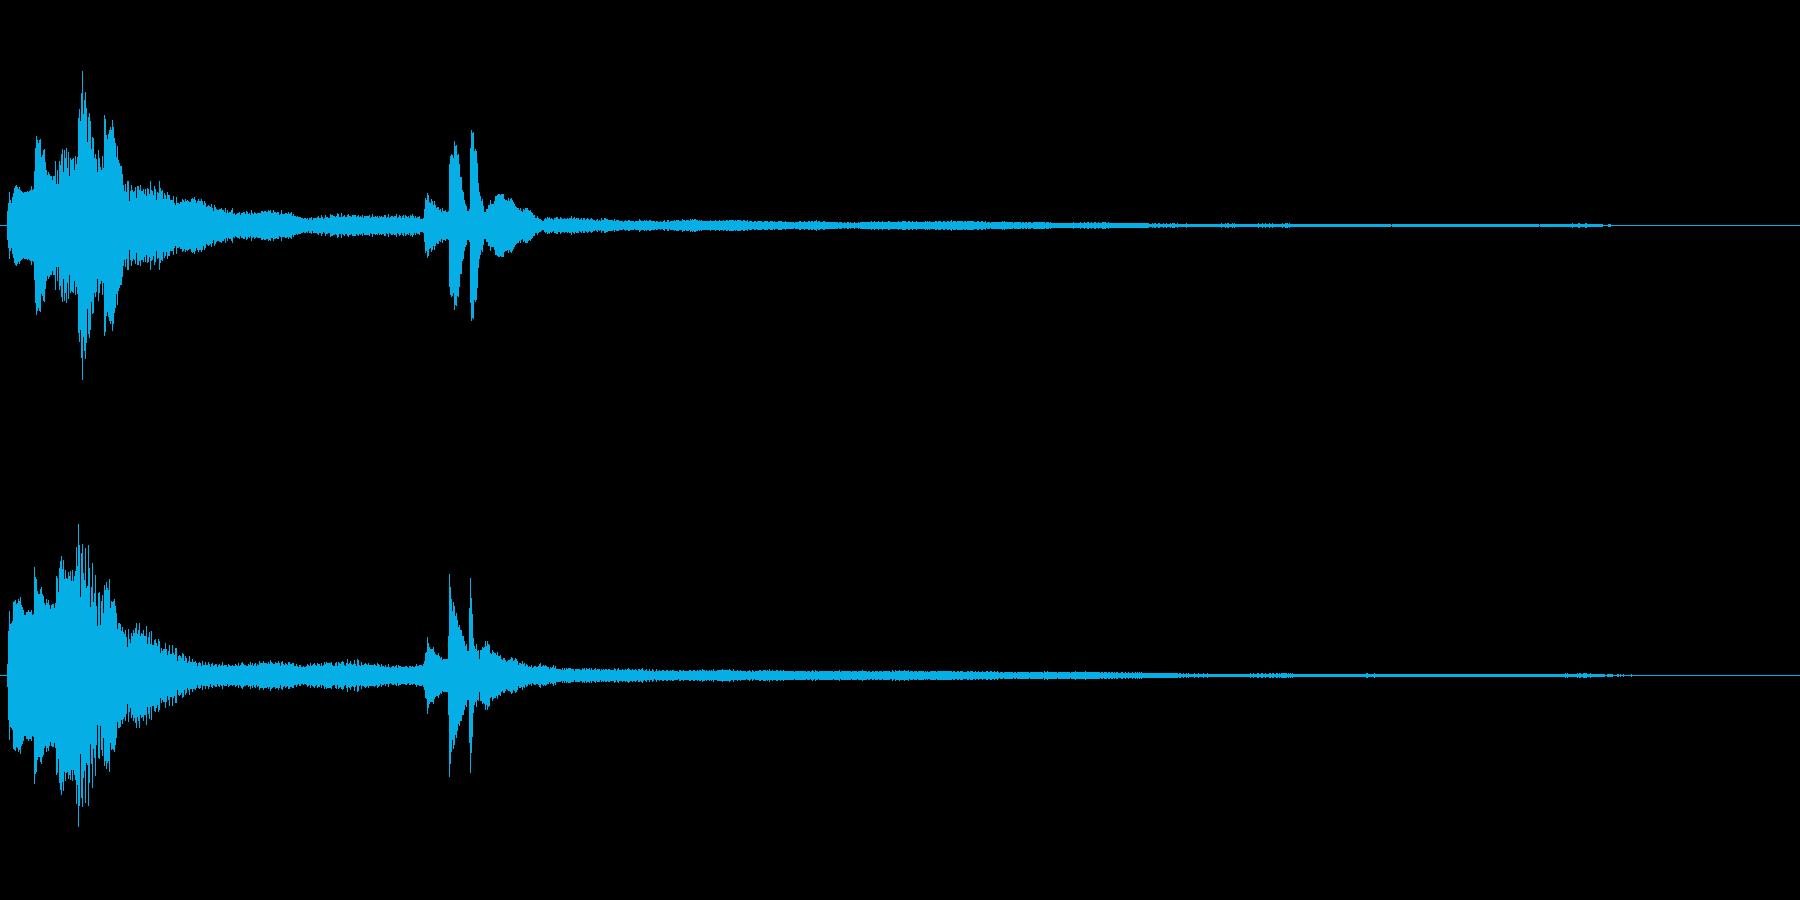 気づき(ピアノ・フレーズ)B1Hの再生済みの波形